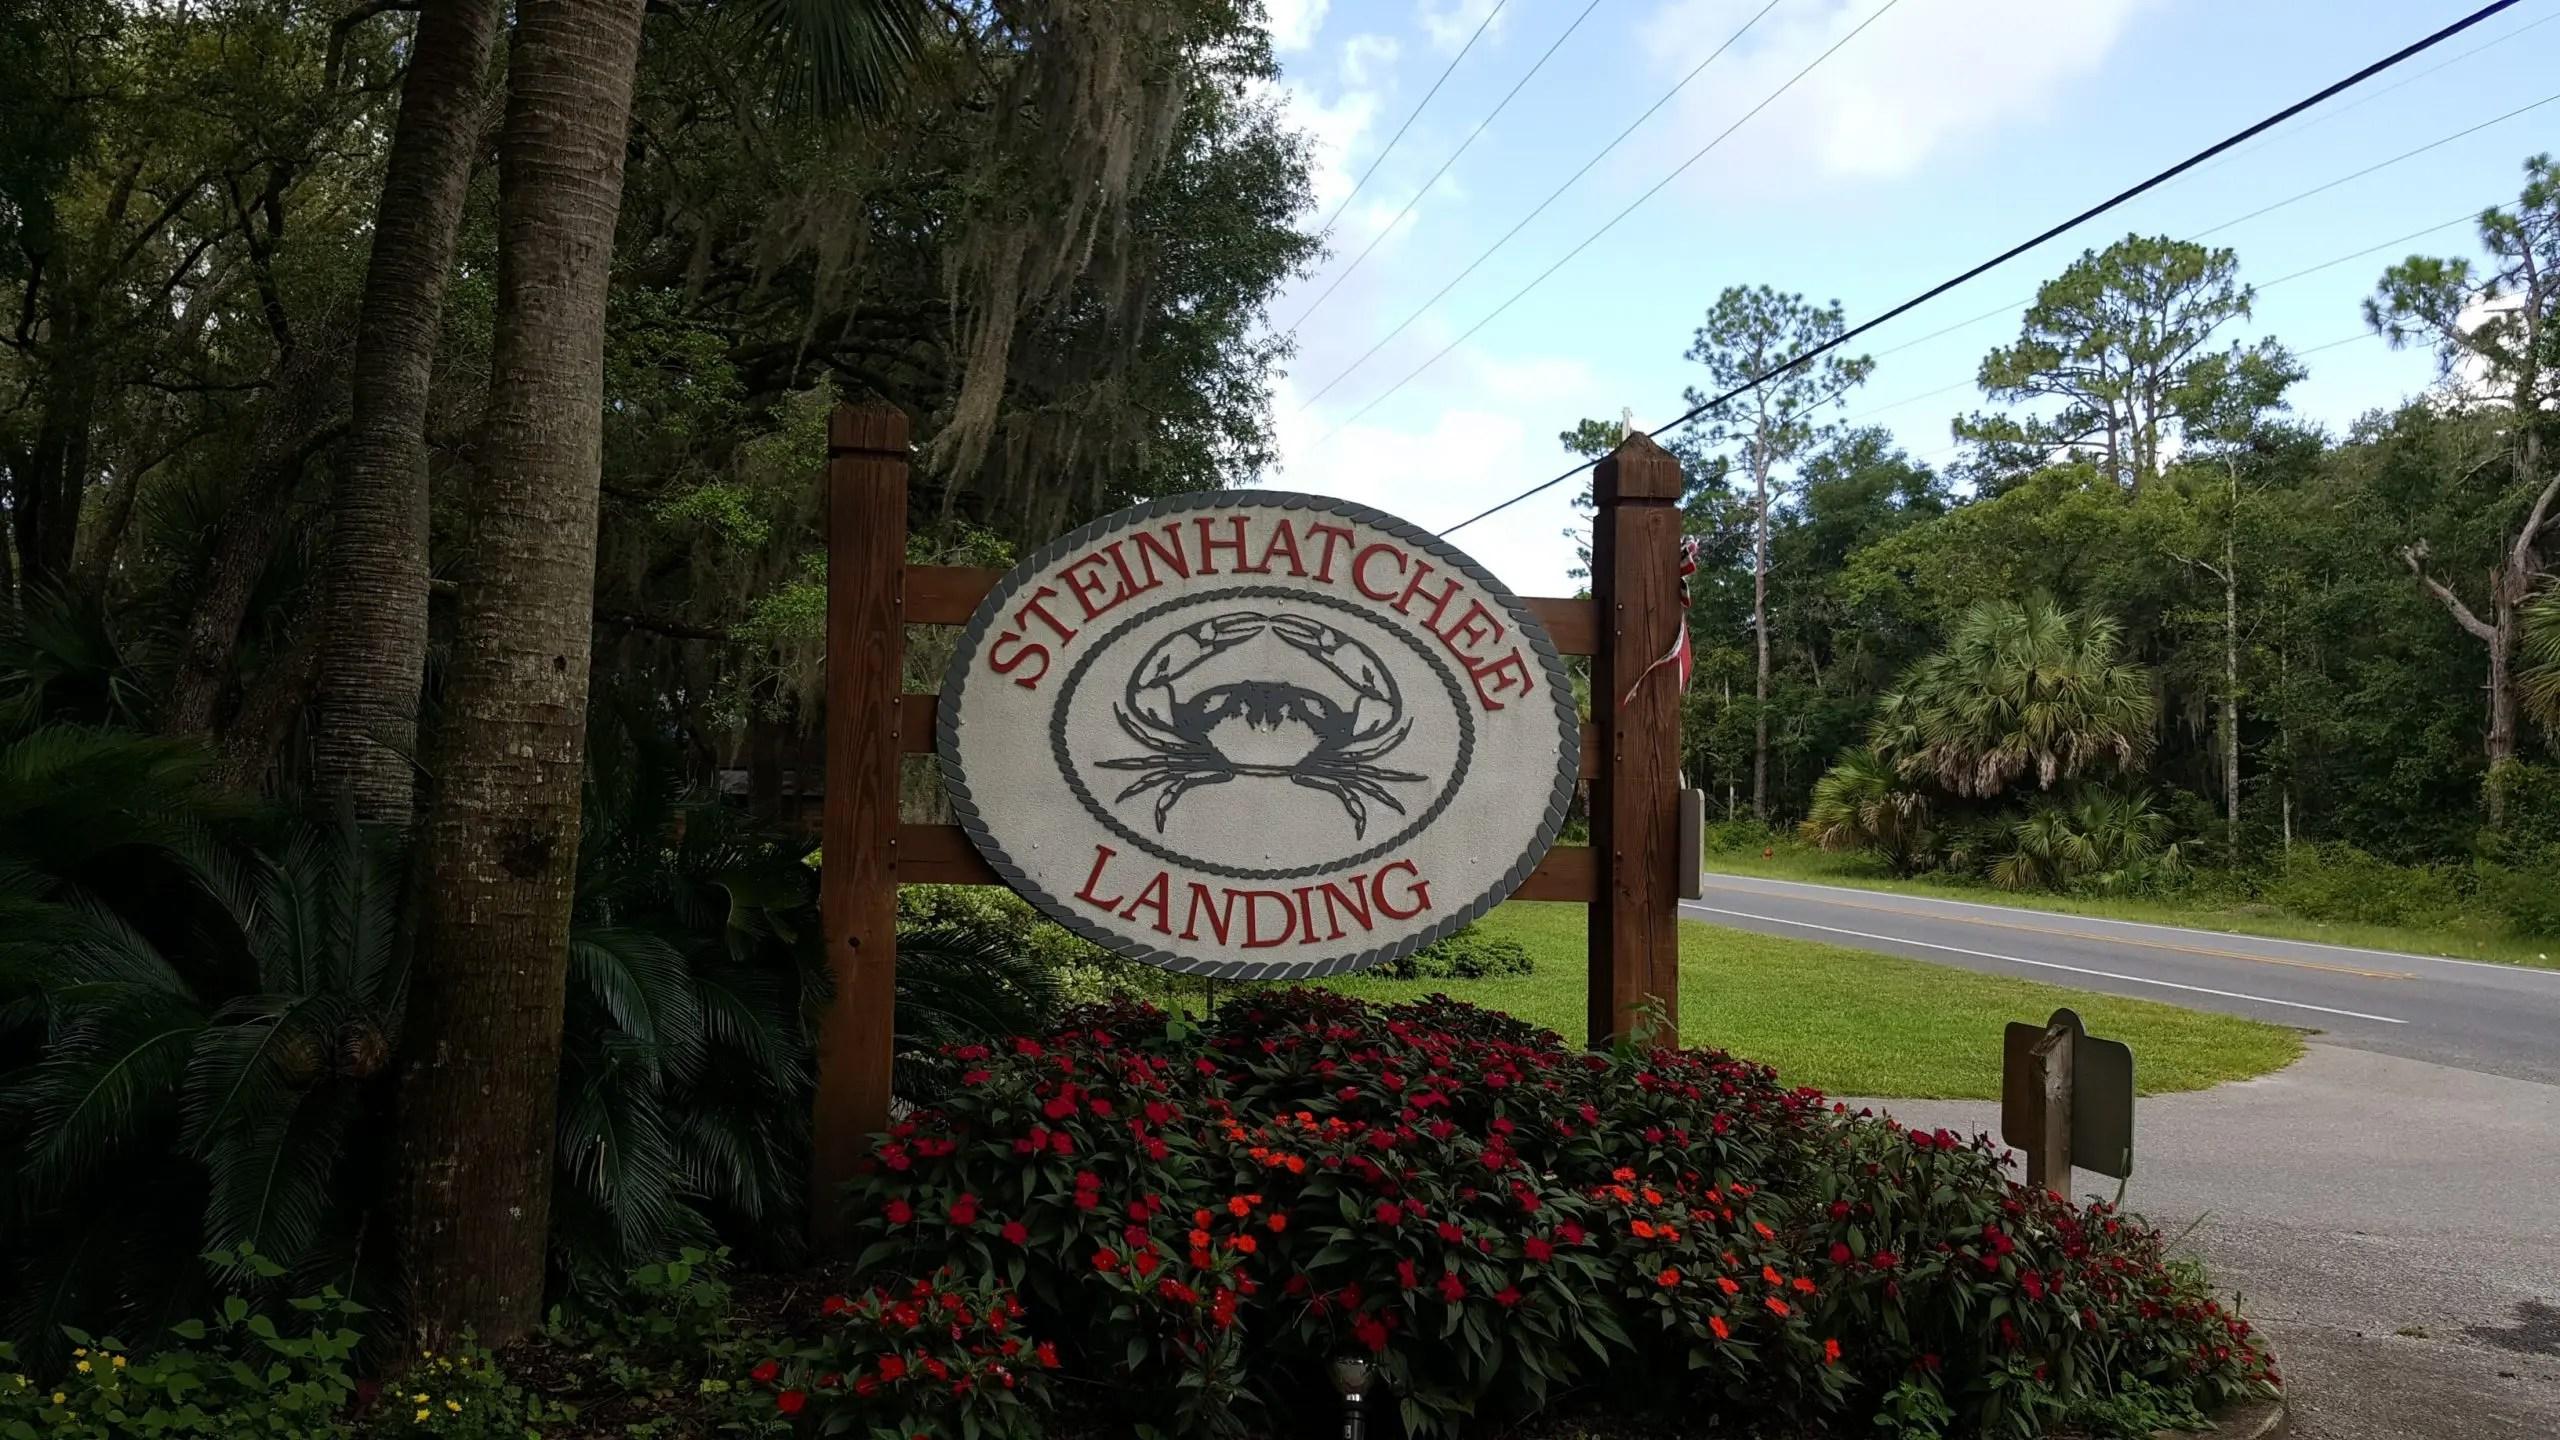 Steinhatchee, FL